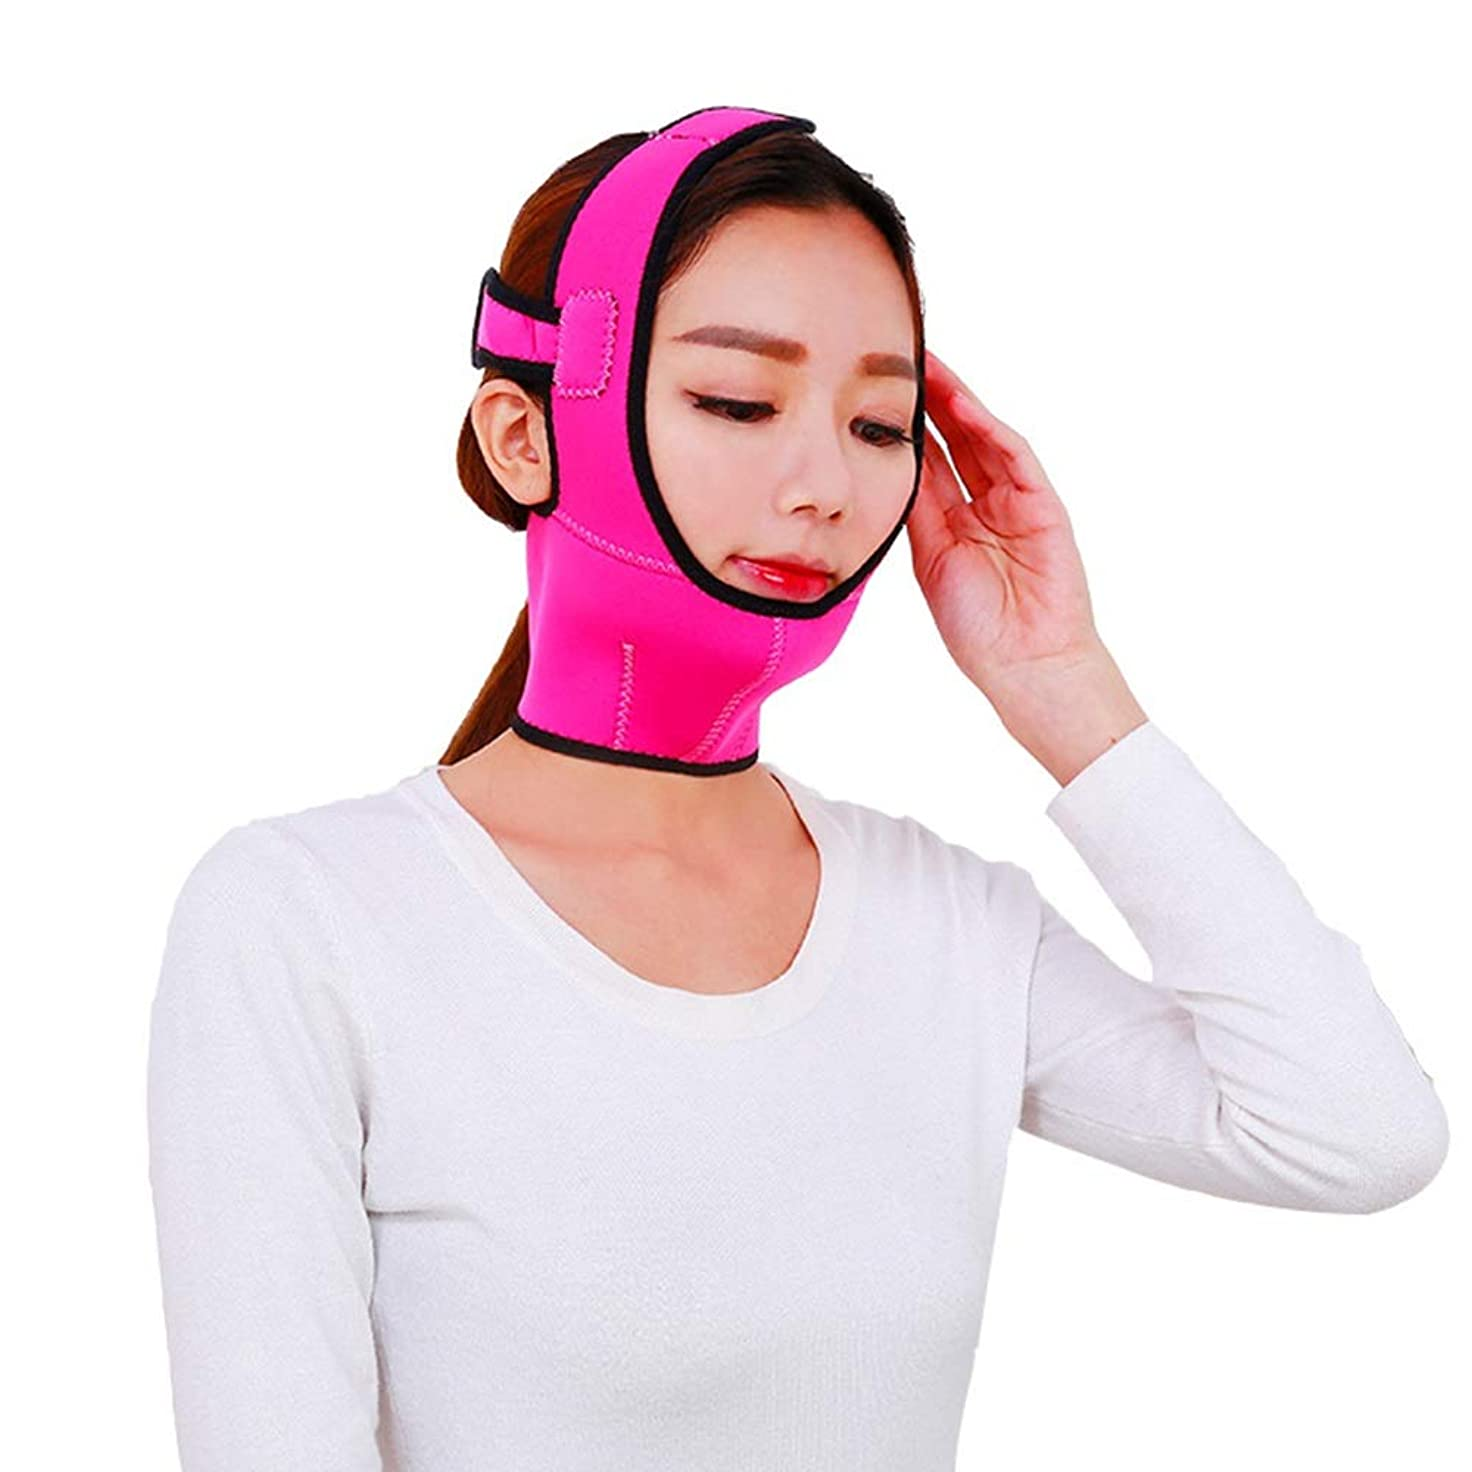 サルベージ幻滅するクリープ顔を持ち上げるベルト通気性の顔面リフティング包帯ダブルチン顔面リフティングマスクを締めるV顔面顔面リフレッシングツール